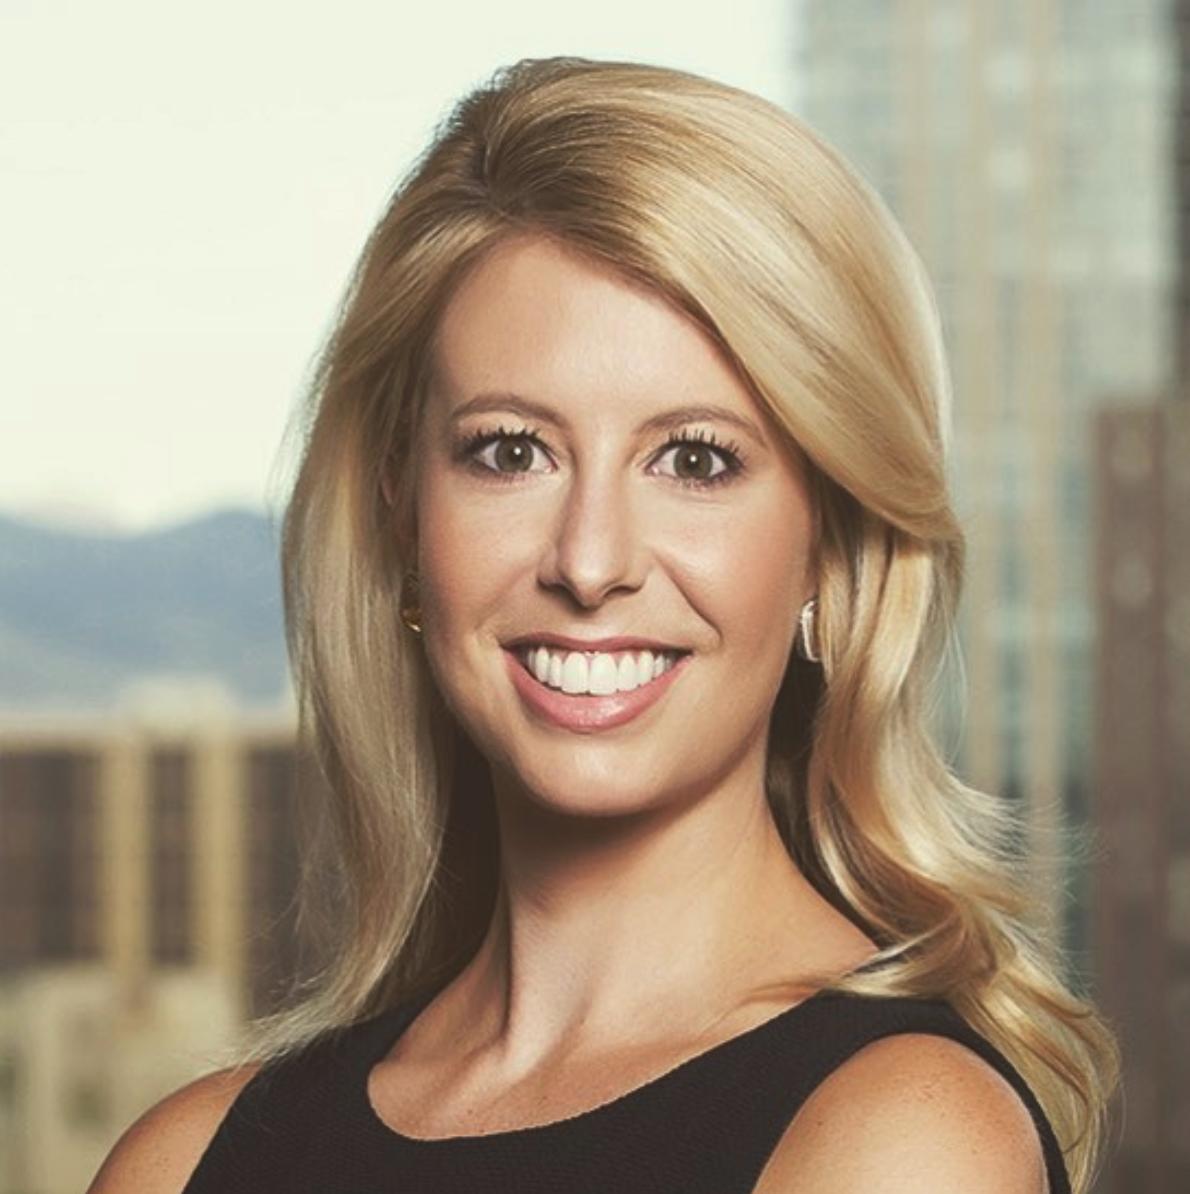 Mackenzie Warren - Policy Advisor and Associate at Brownstein Hyatt Farber Schreck, LLP